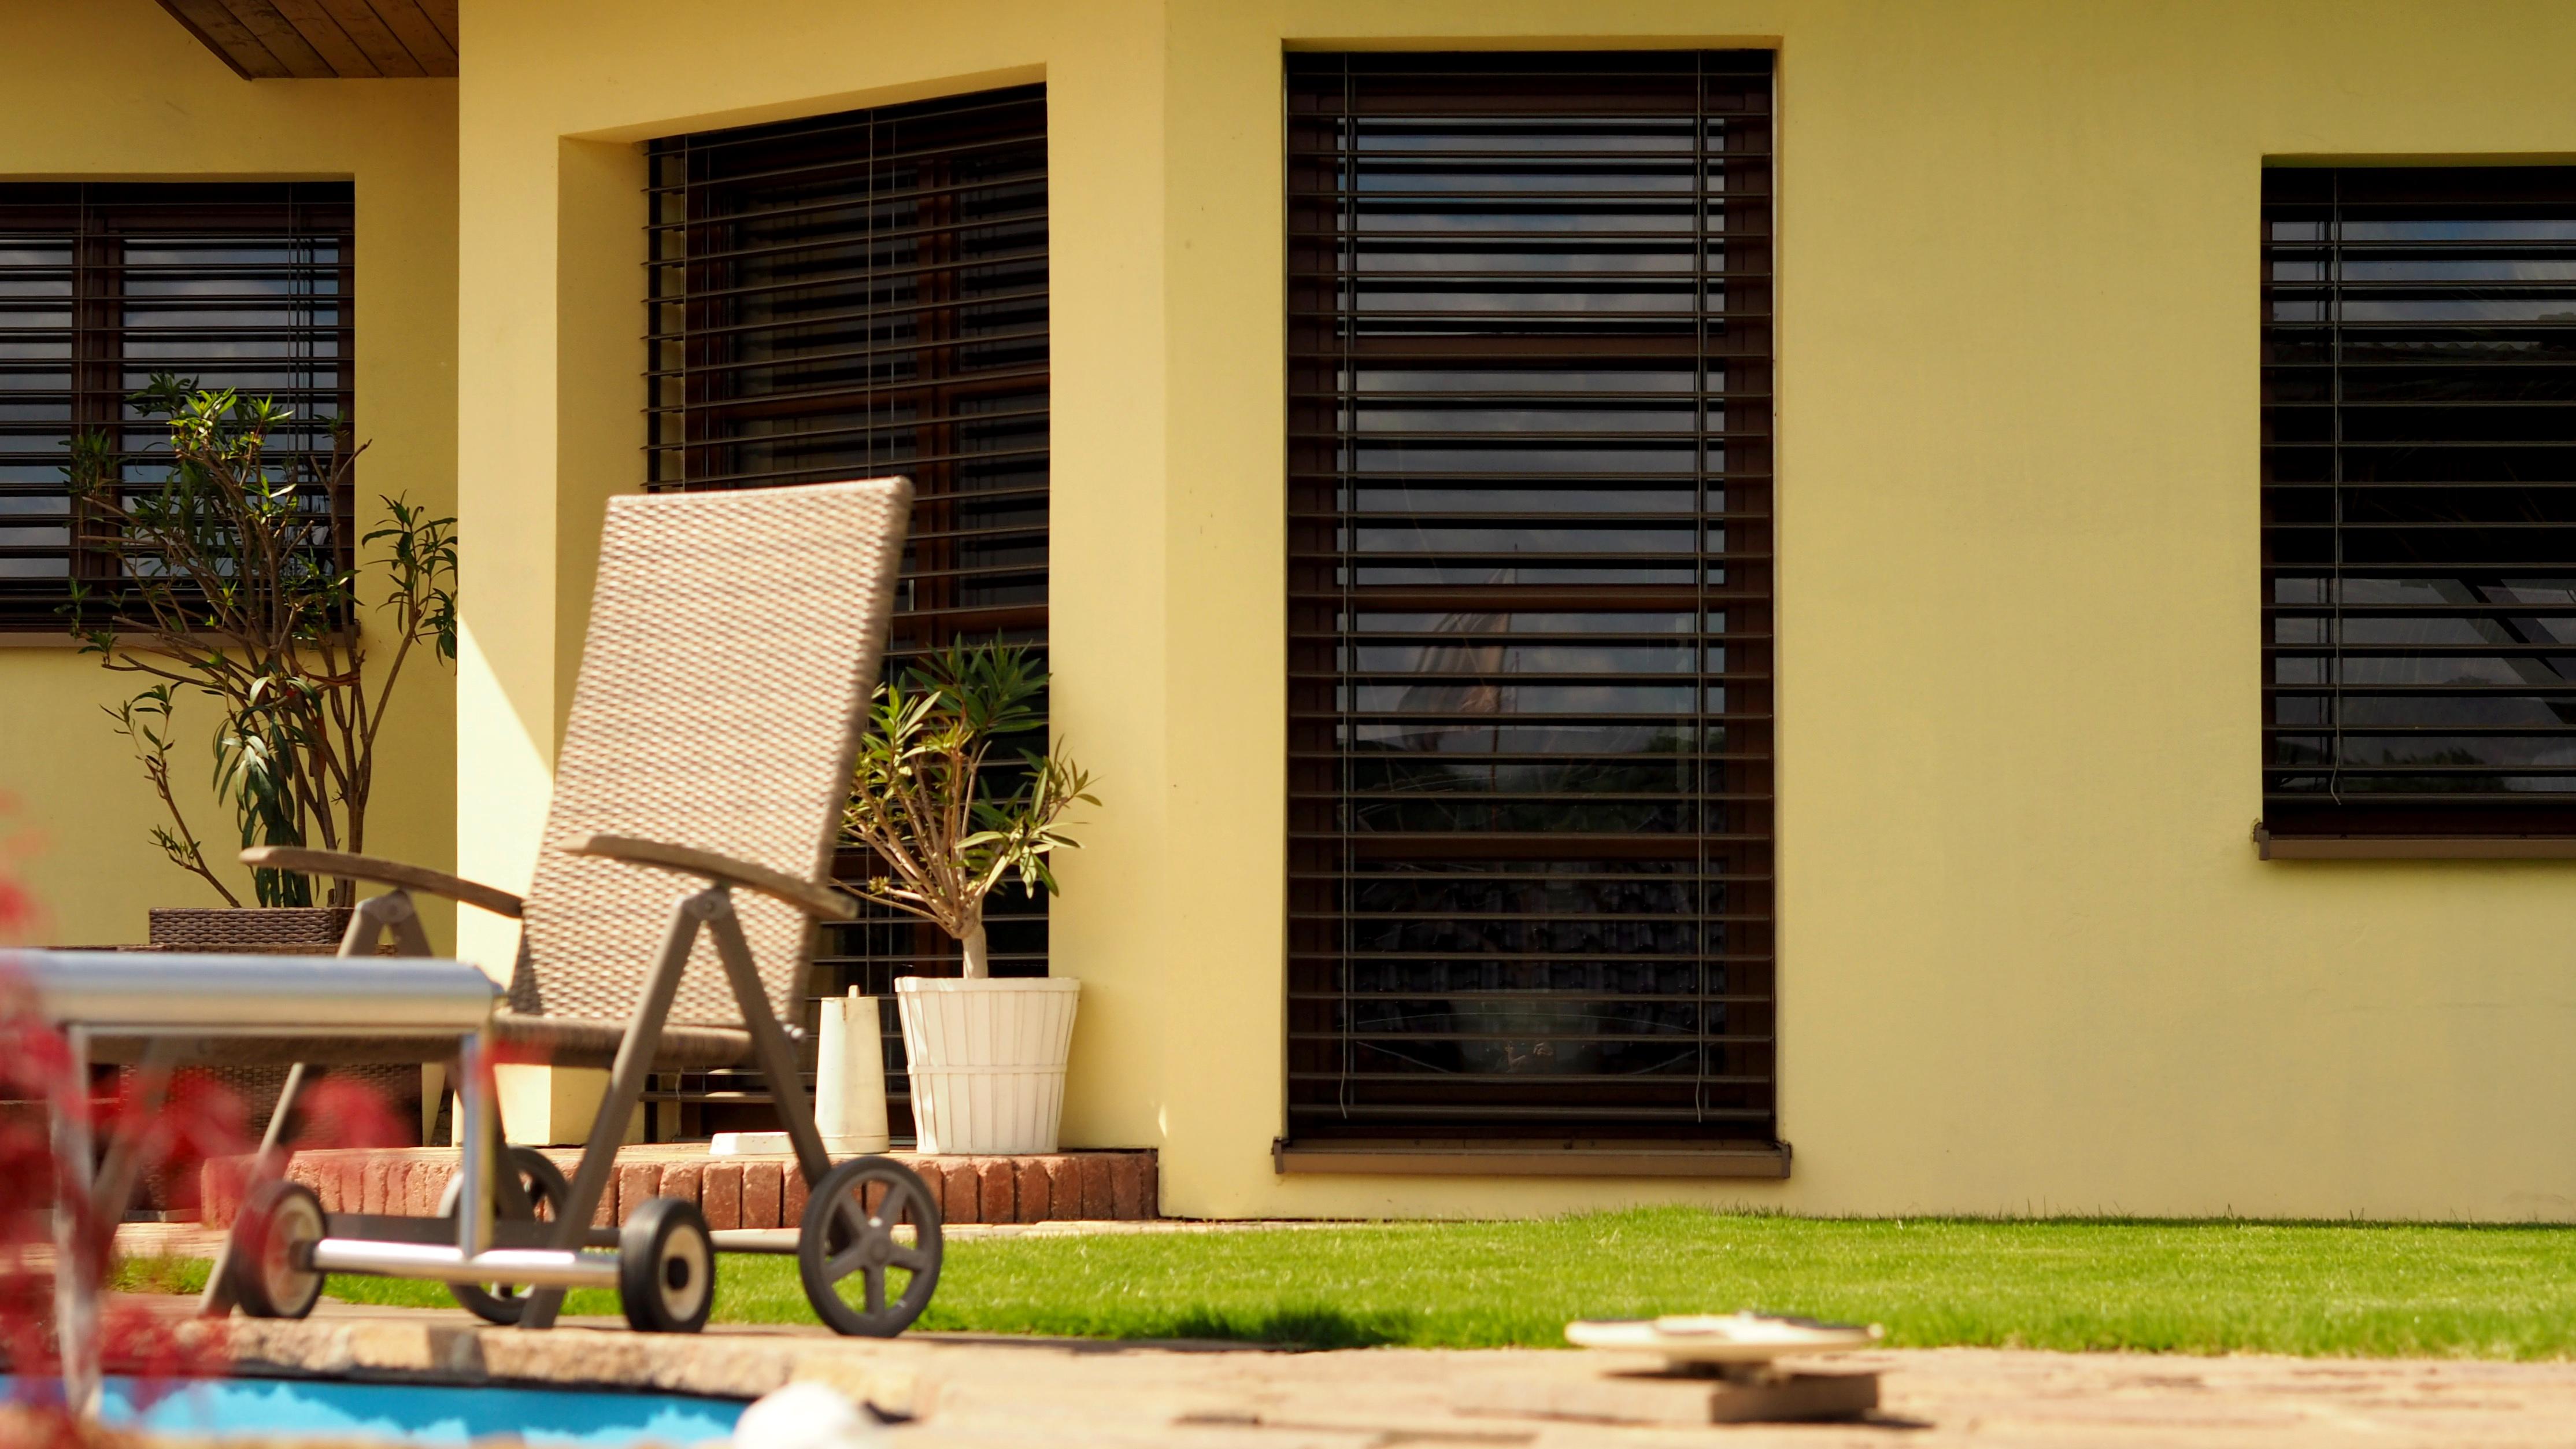 Venkovní žaluzie umoňují pasivní chlazení interiéru.